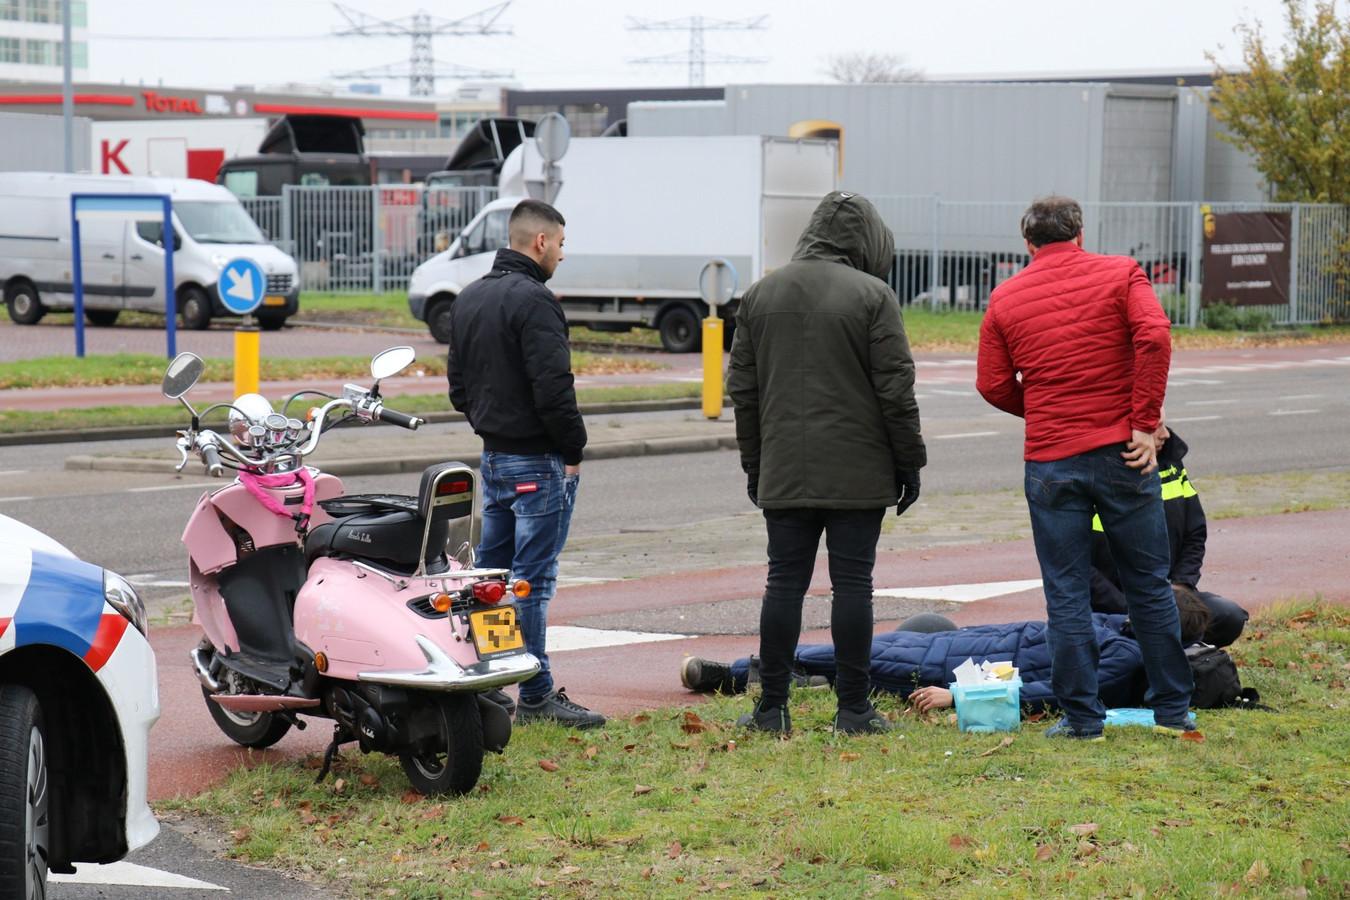 De bestuurder van de scooter raakte gewond en moest naar het ziekenhuis.